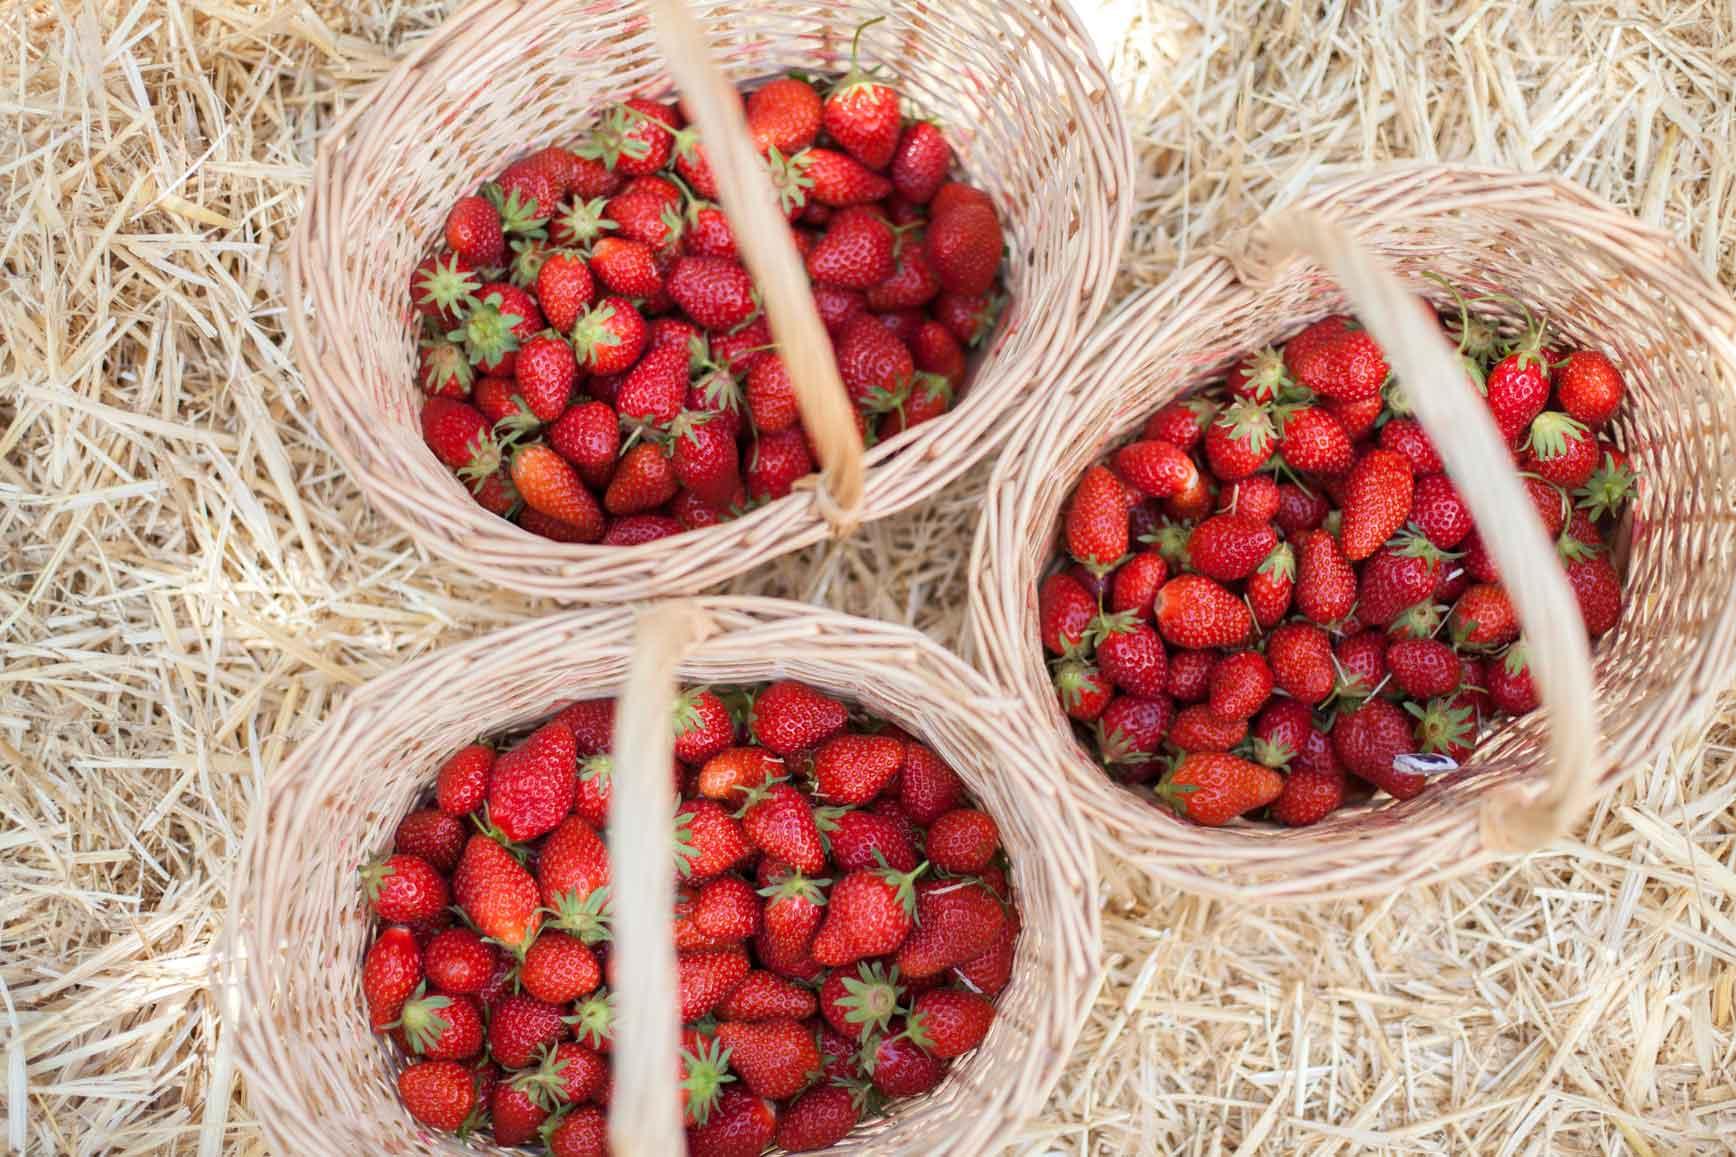 Recolecta-fresas-claraBmartin-16